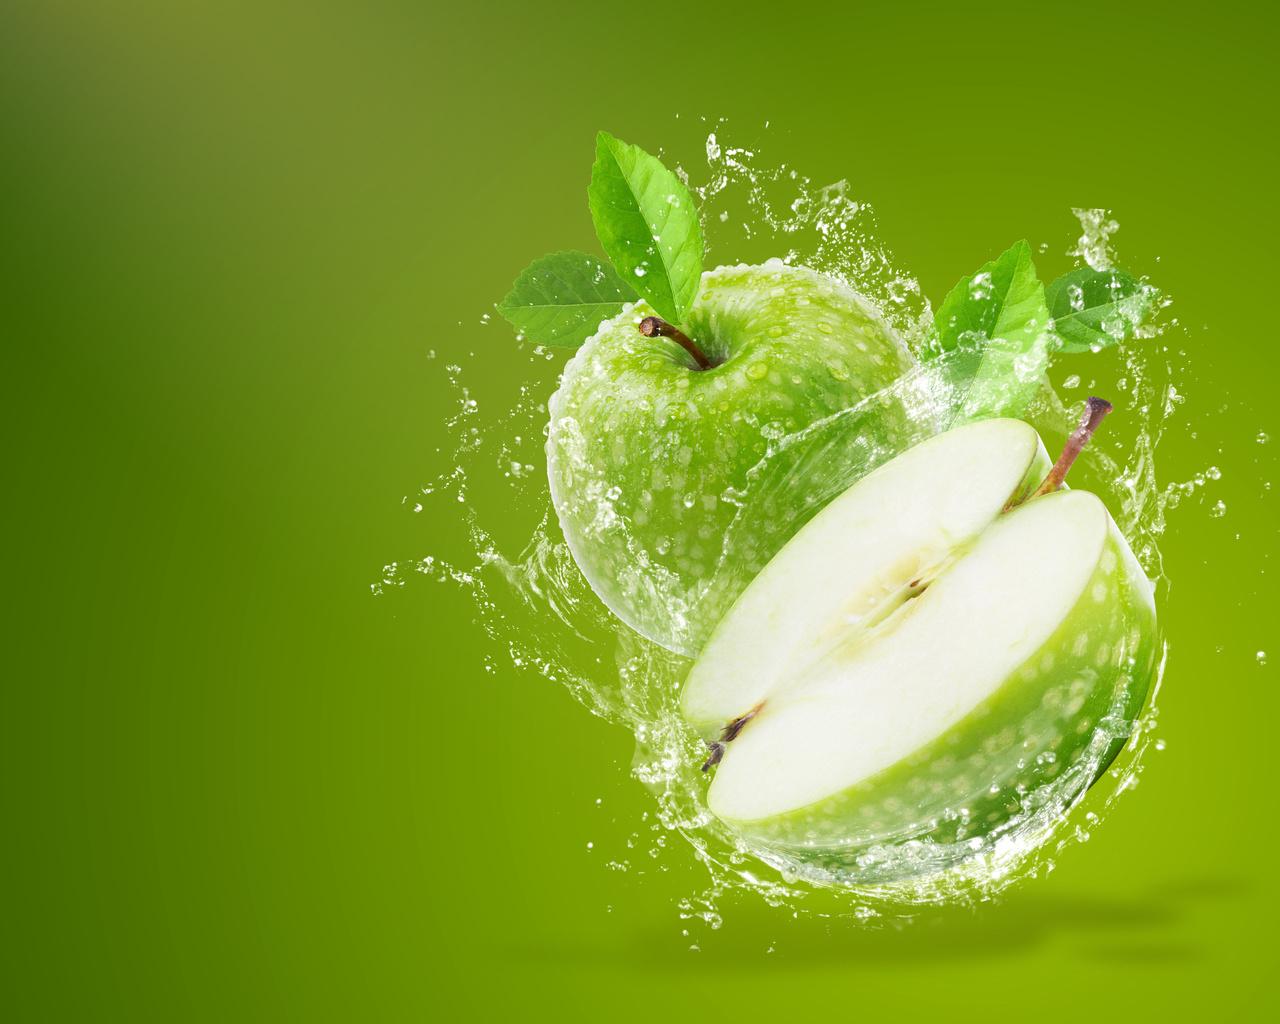 яблоки, вода, брызги, листья, половинка, злёный, фон